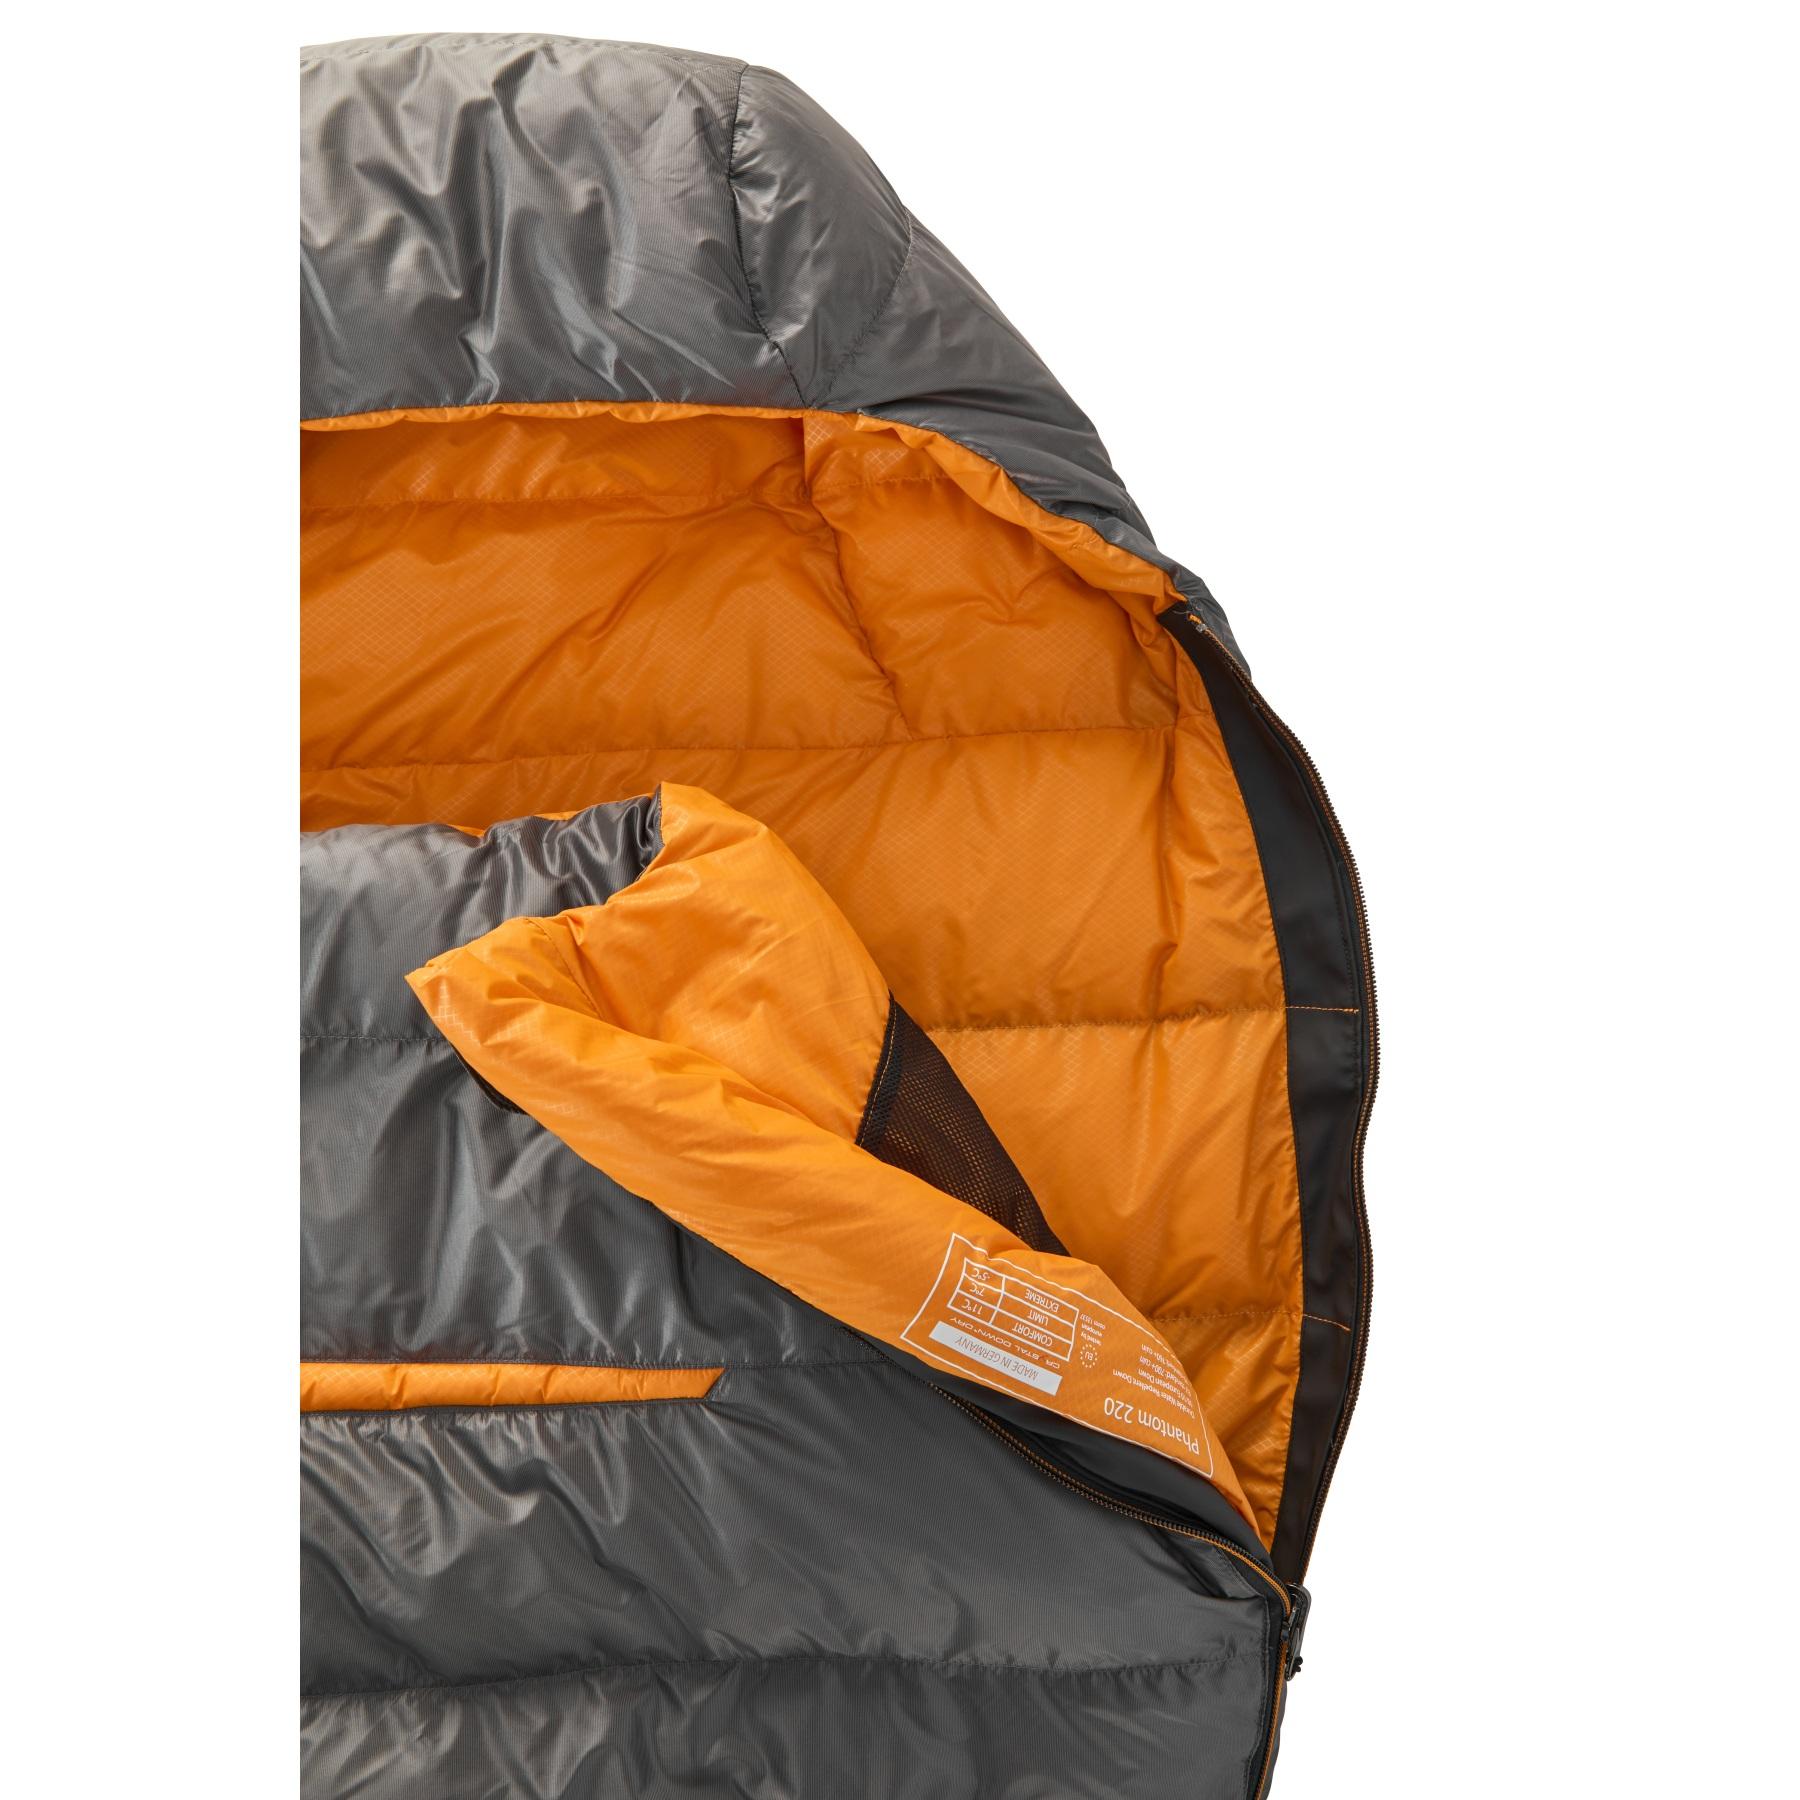 Bild von Y by Nordisk Phantom 220 L Schlafsack - smoked pearl/orange